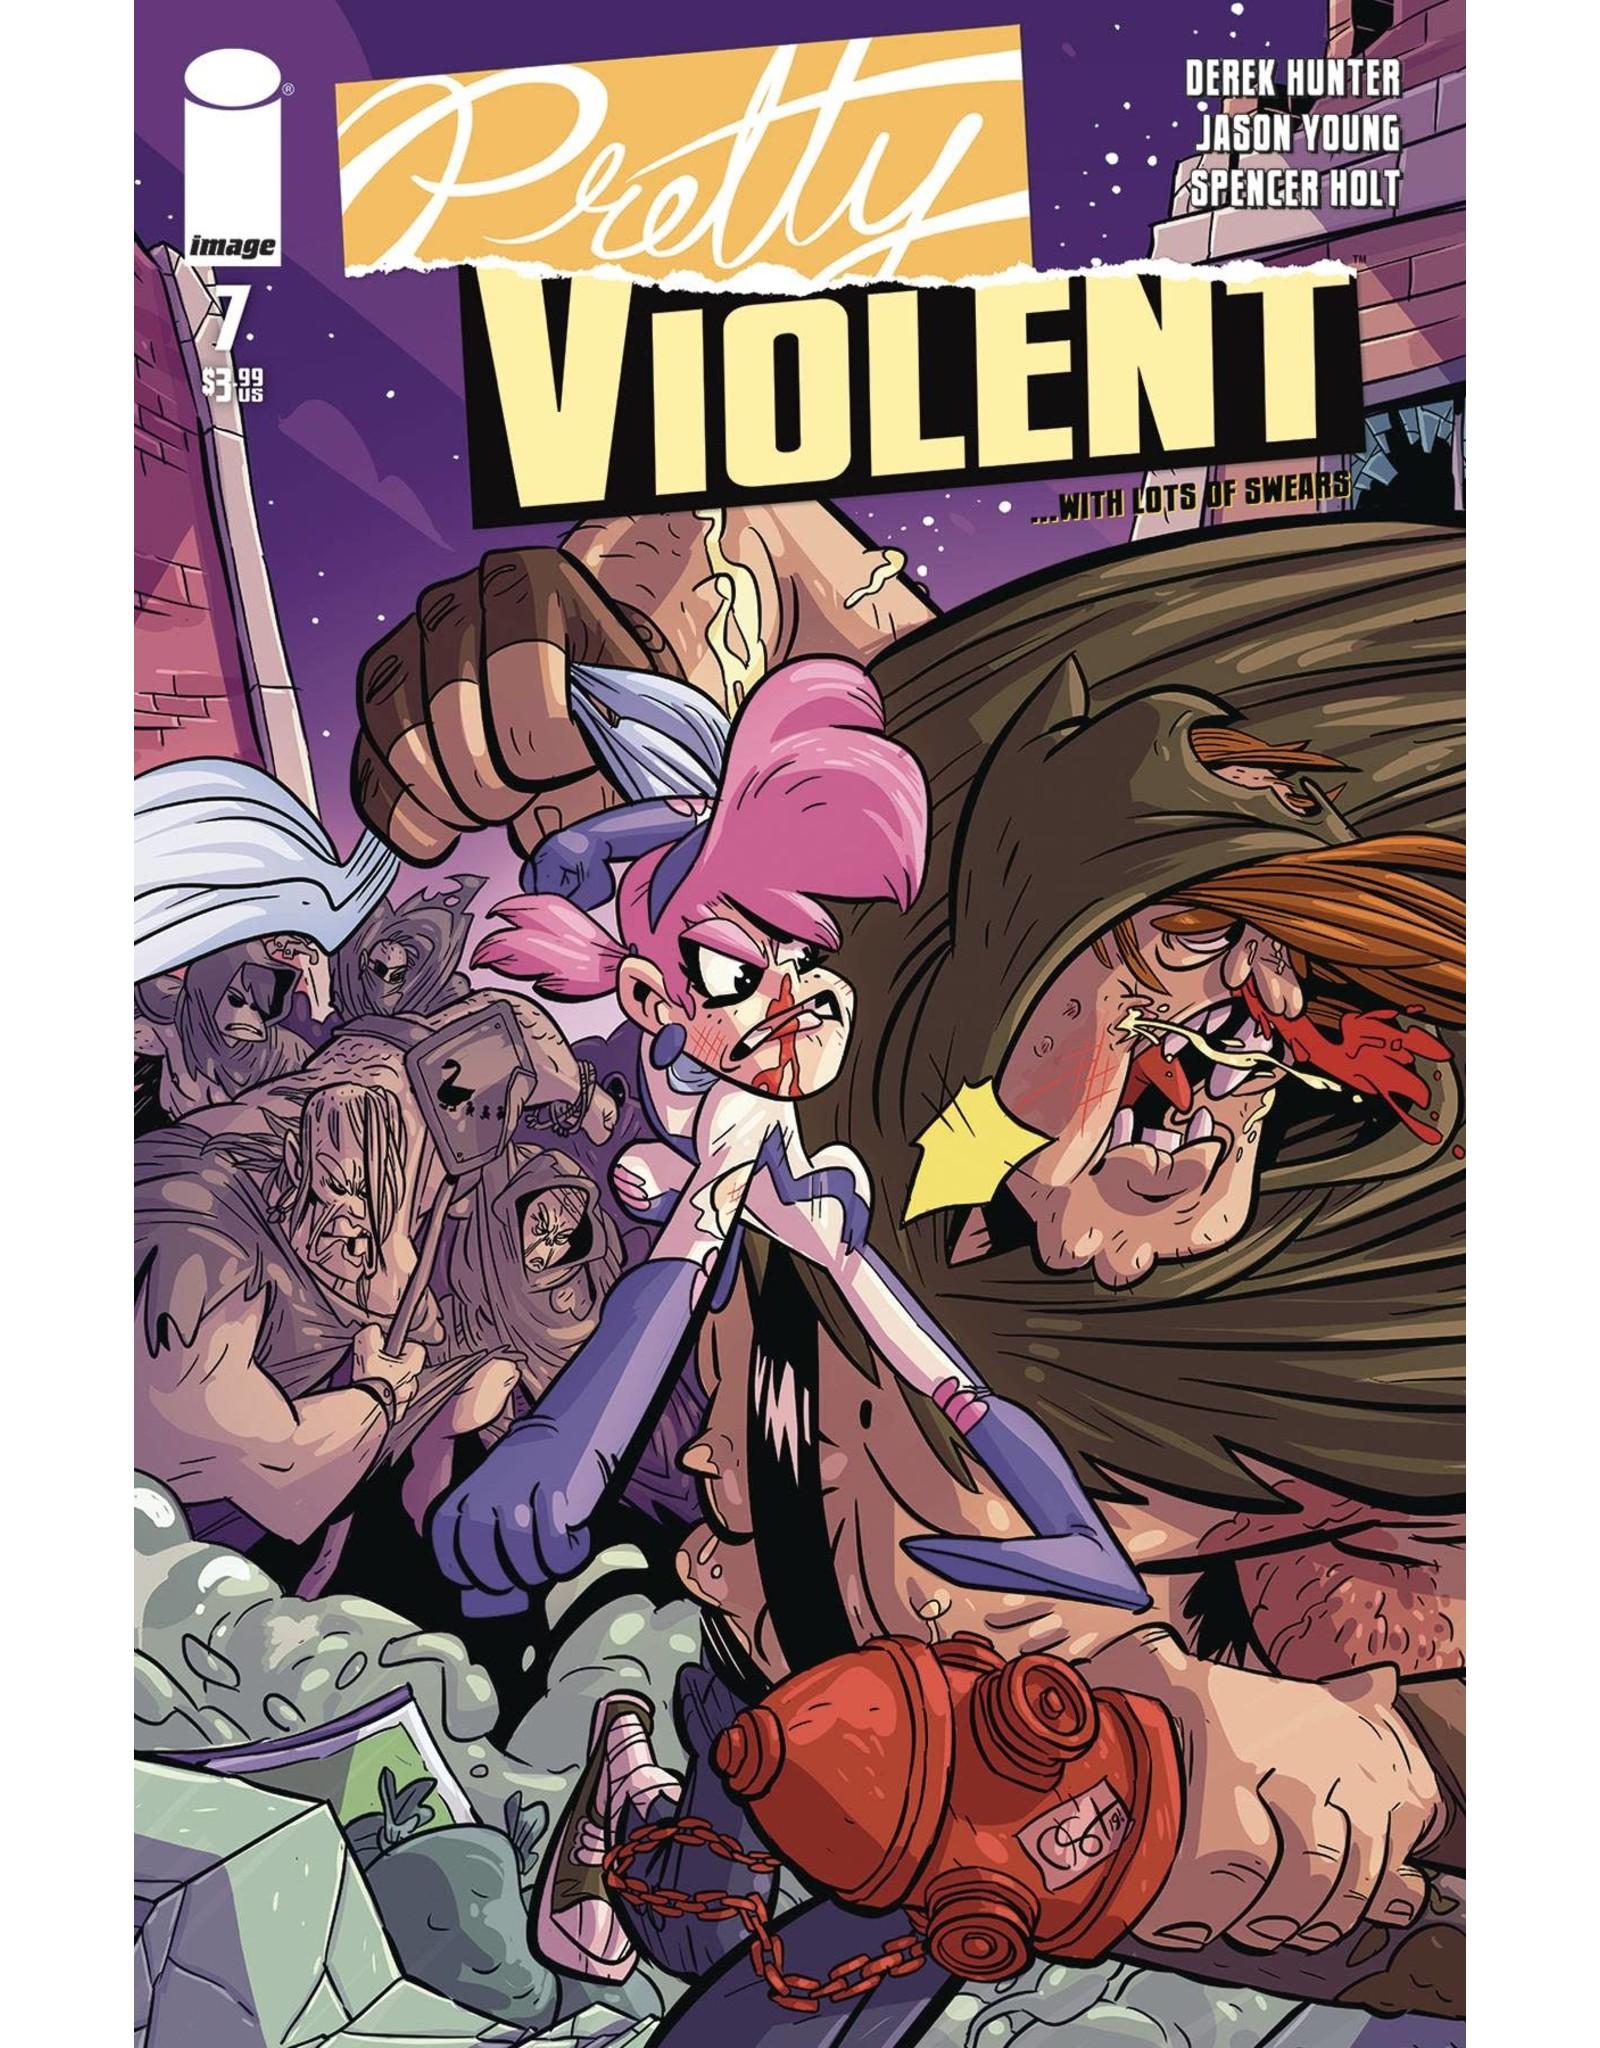 IMAGE COMICS PRETTY VIOLENT #7